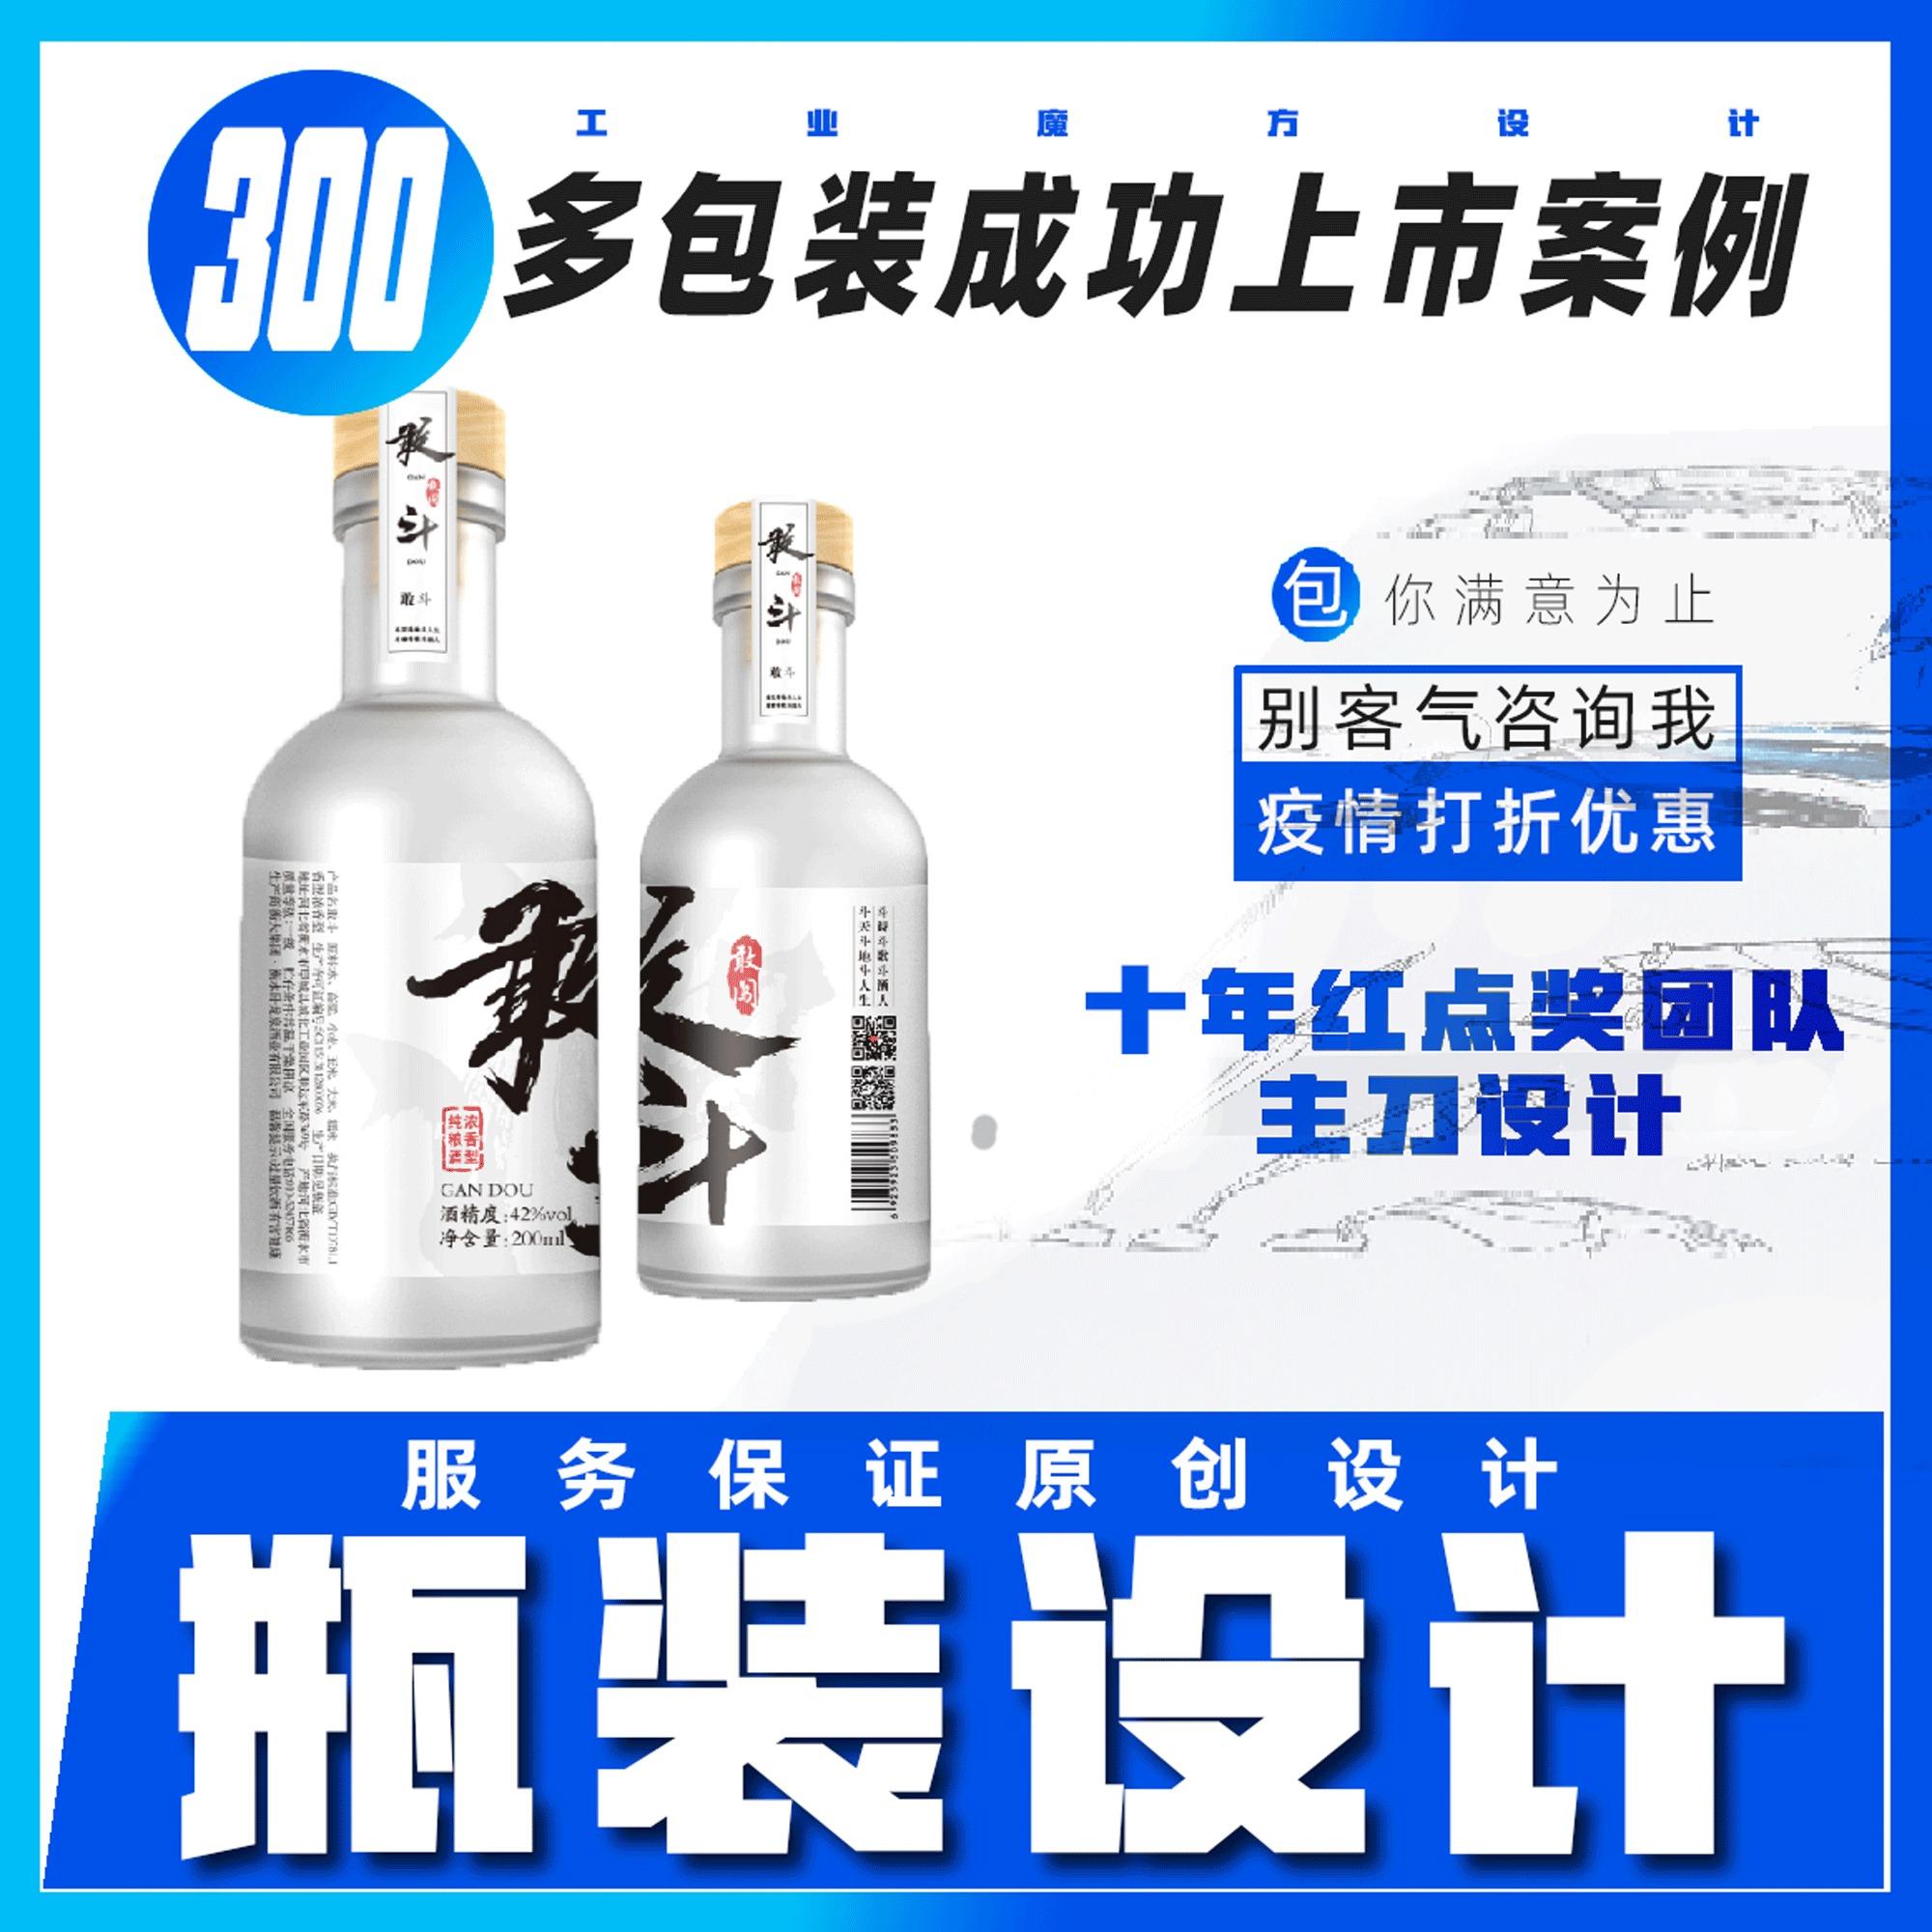 【工业魔方】瓶装包装设计创意包装设计结构设计箱装礼盒包装设计